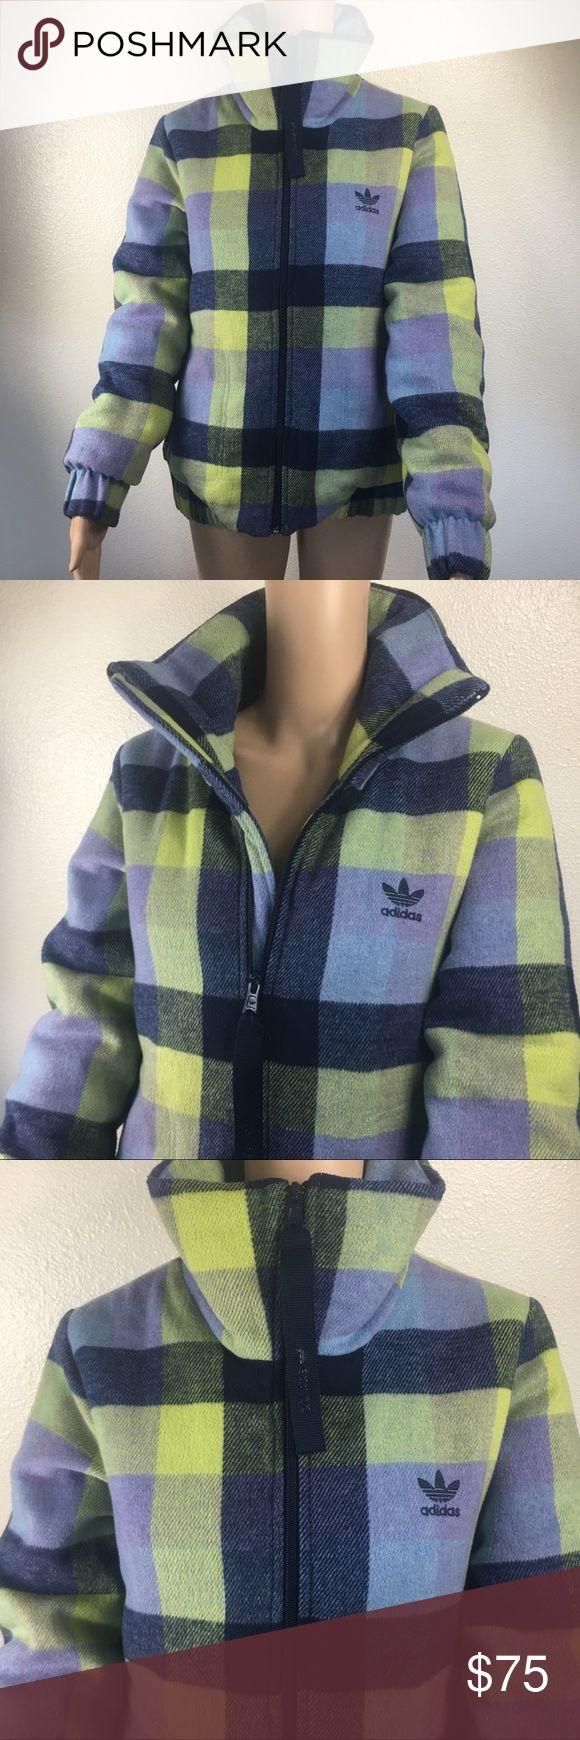 Adidas ORIGINALS wool checked batting jacket Adidas ORIGINALS wool checked batting jacket in EUC 😁 adidas Jackets & Coats